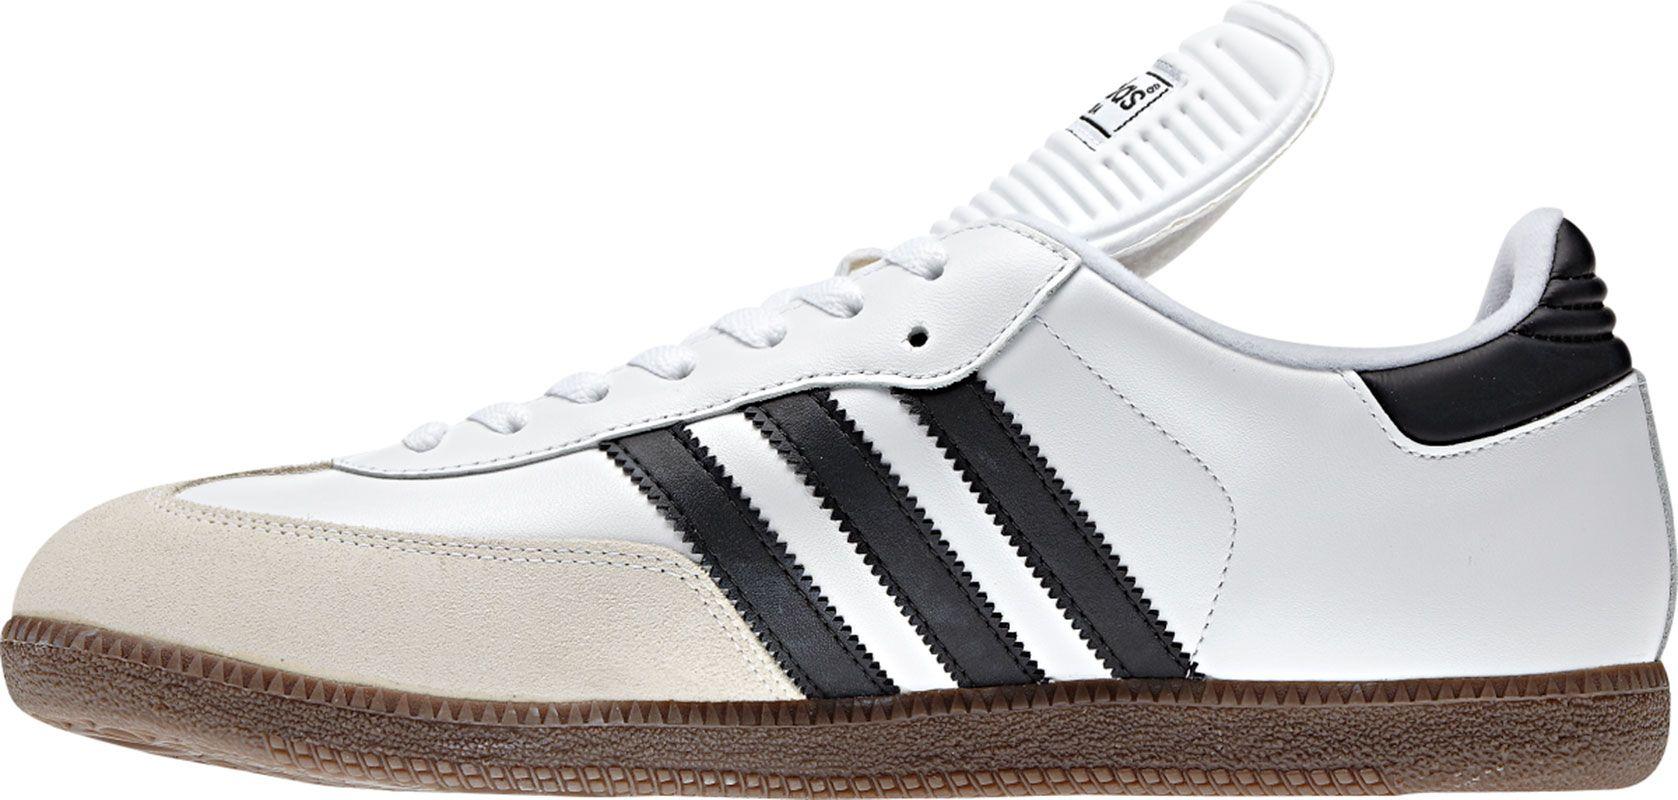 adidas samba shoes noimagefound ??? SGUZOAR